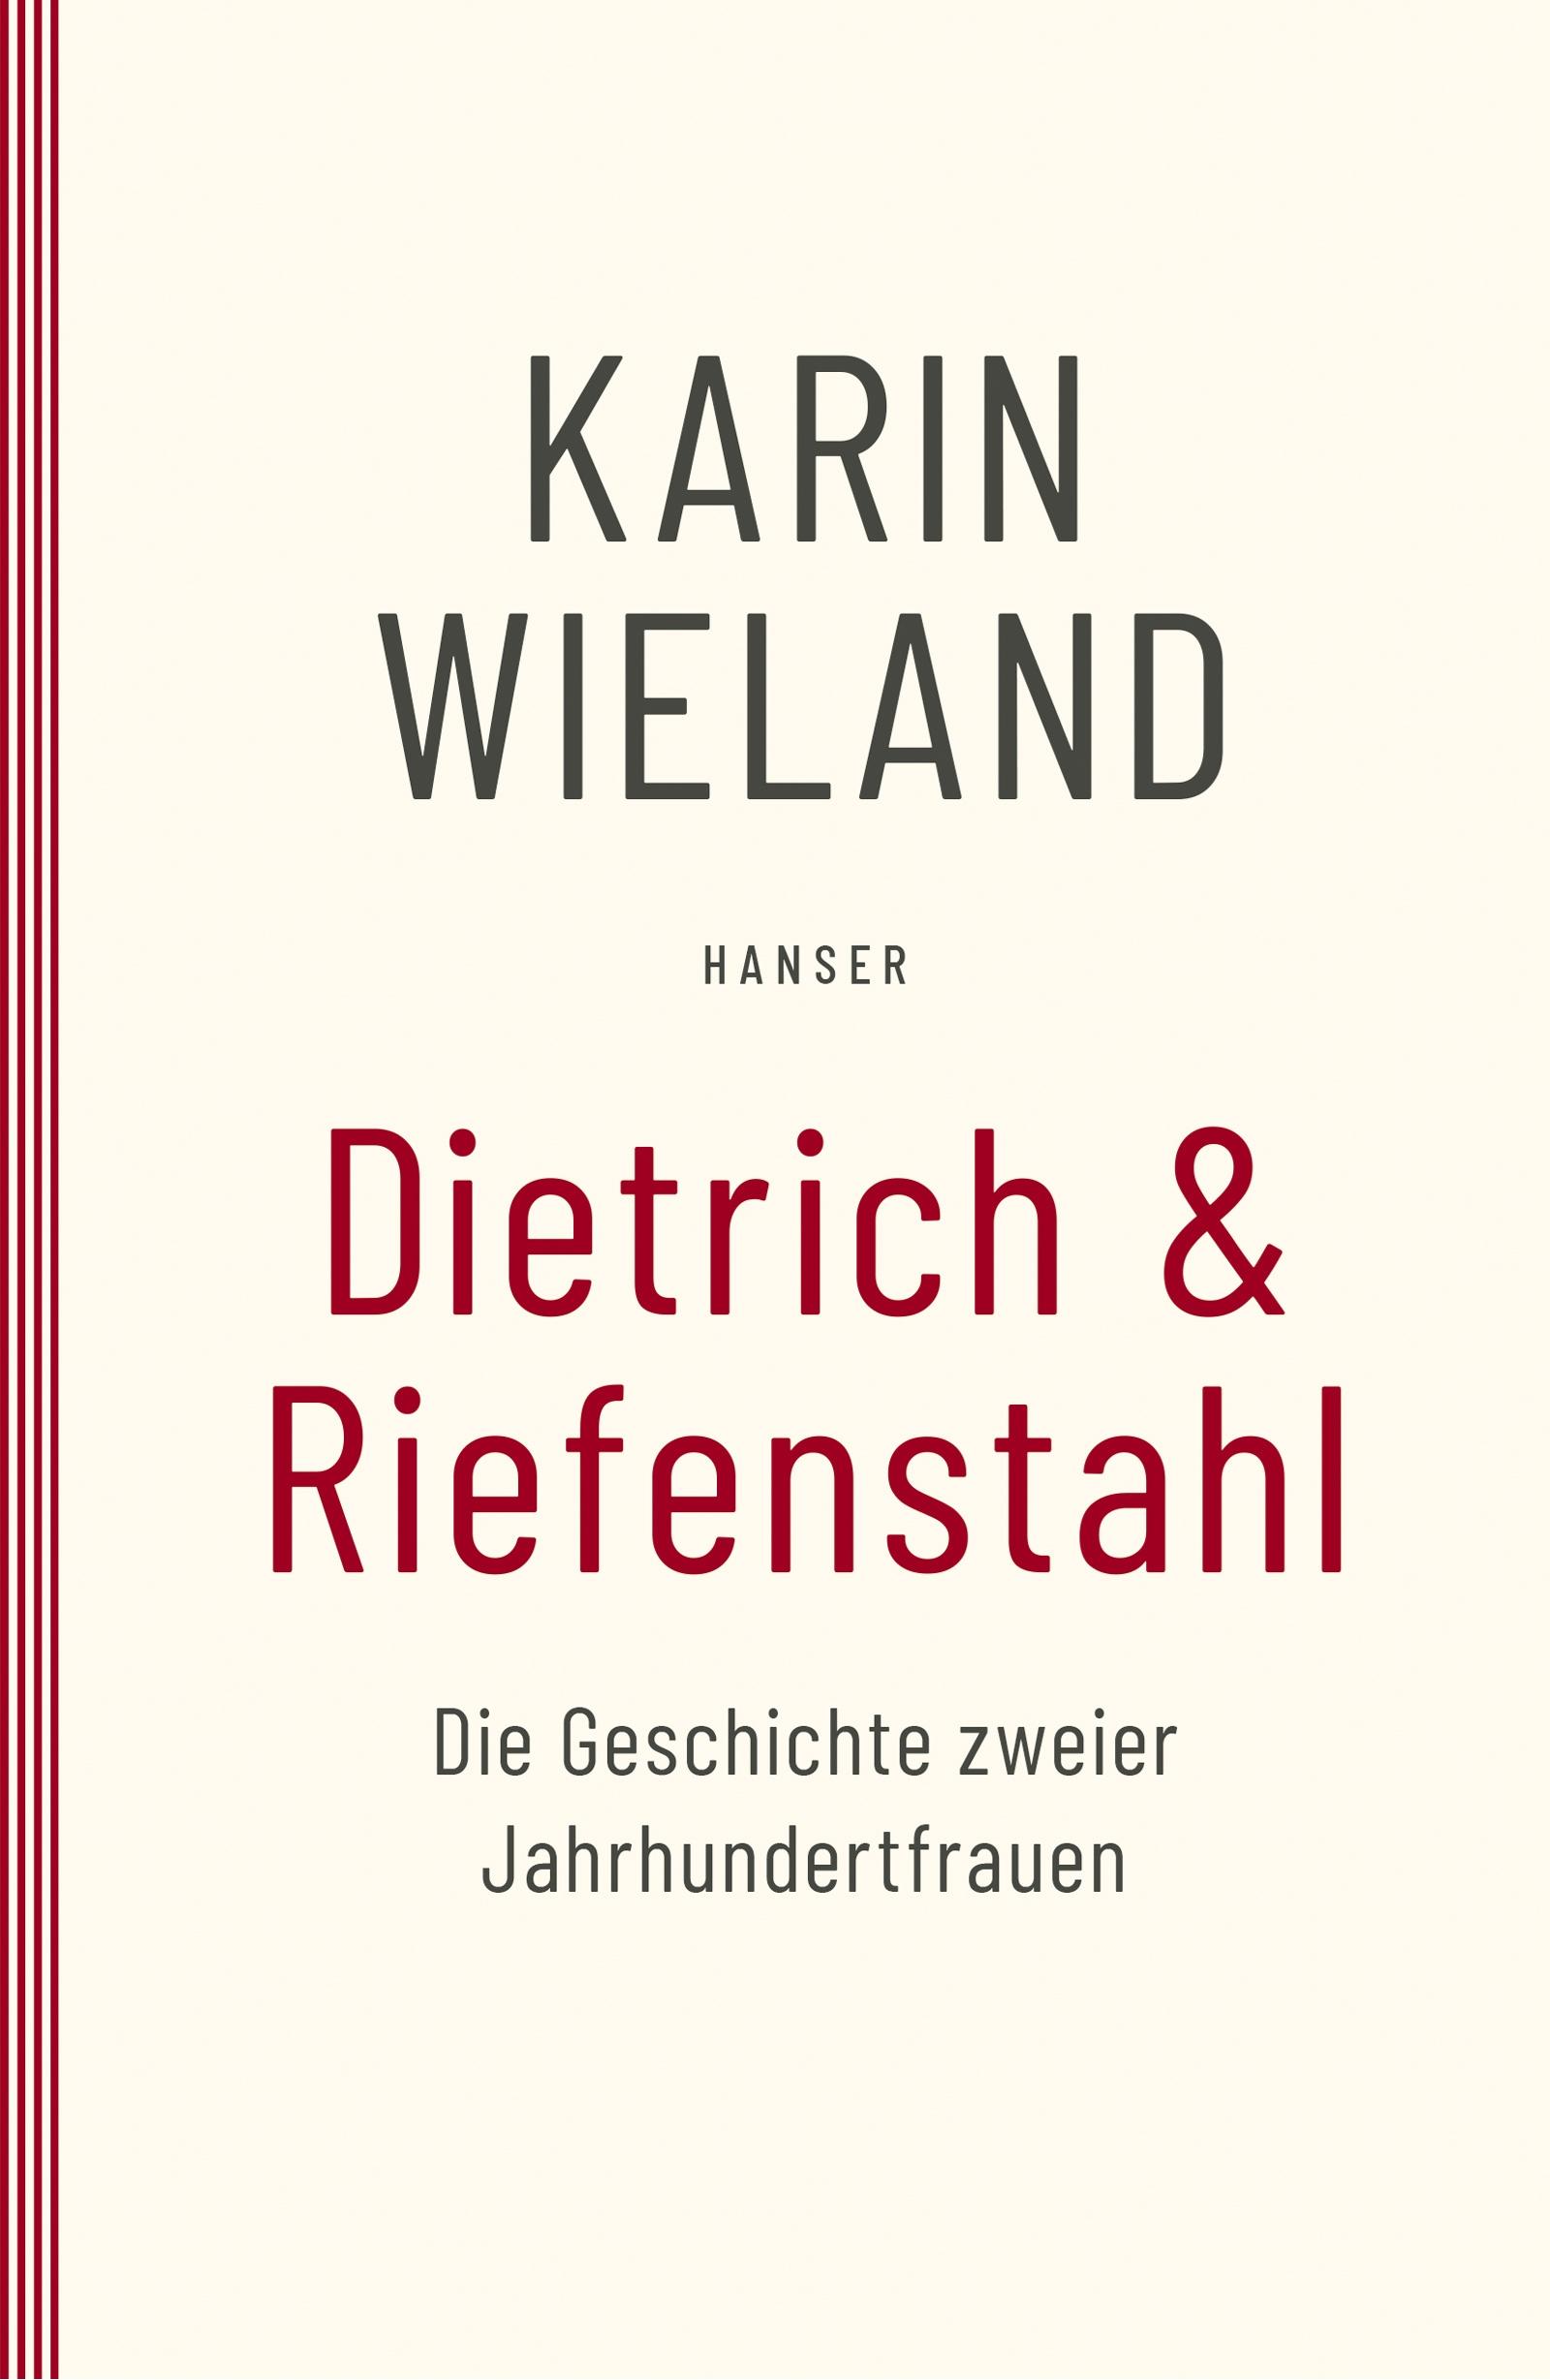 Dietrich & Riefenstahl